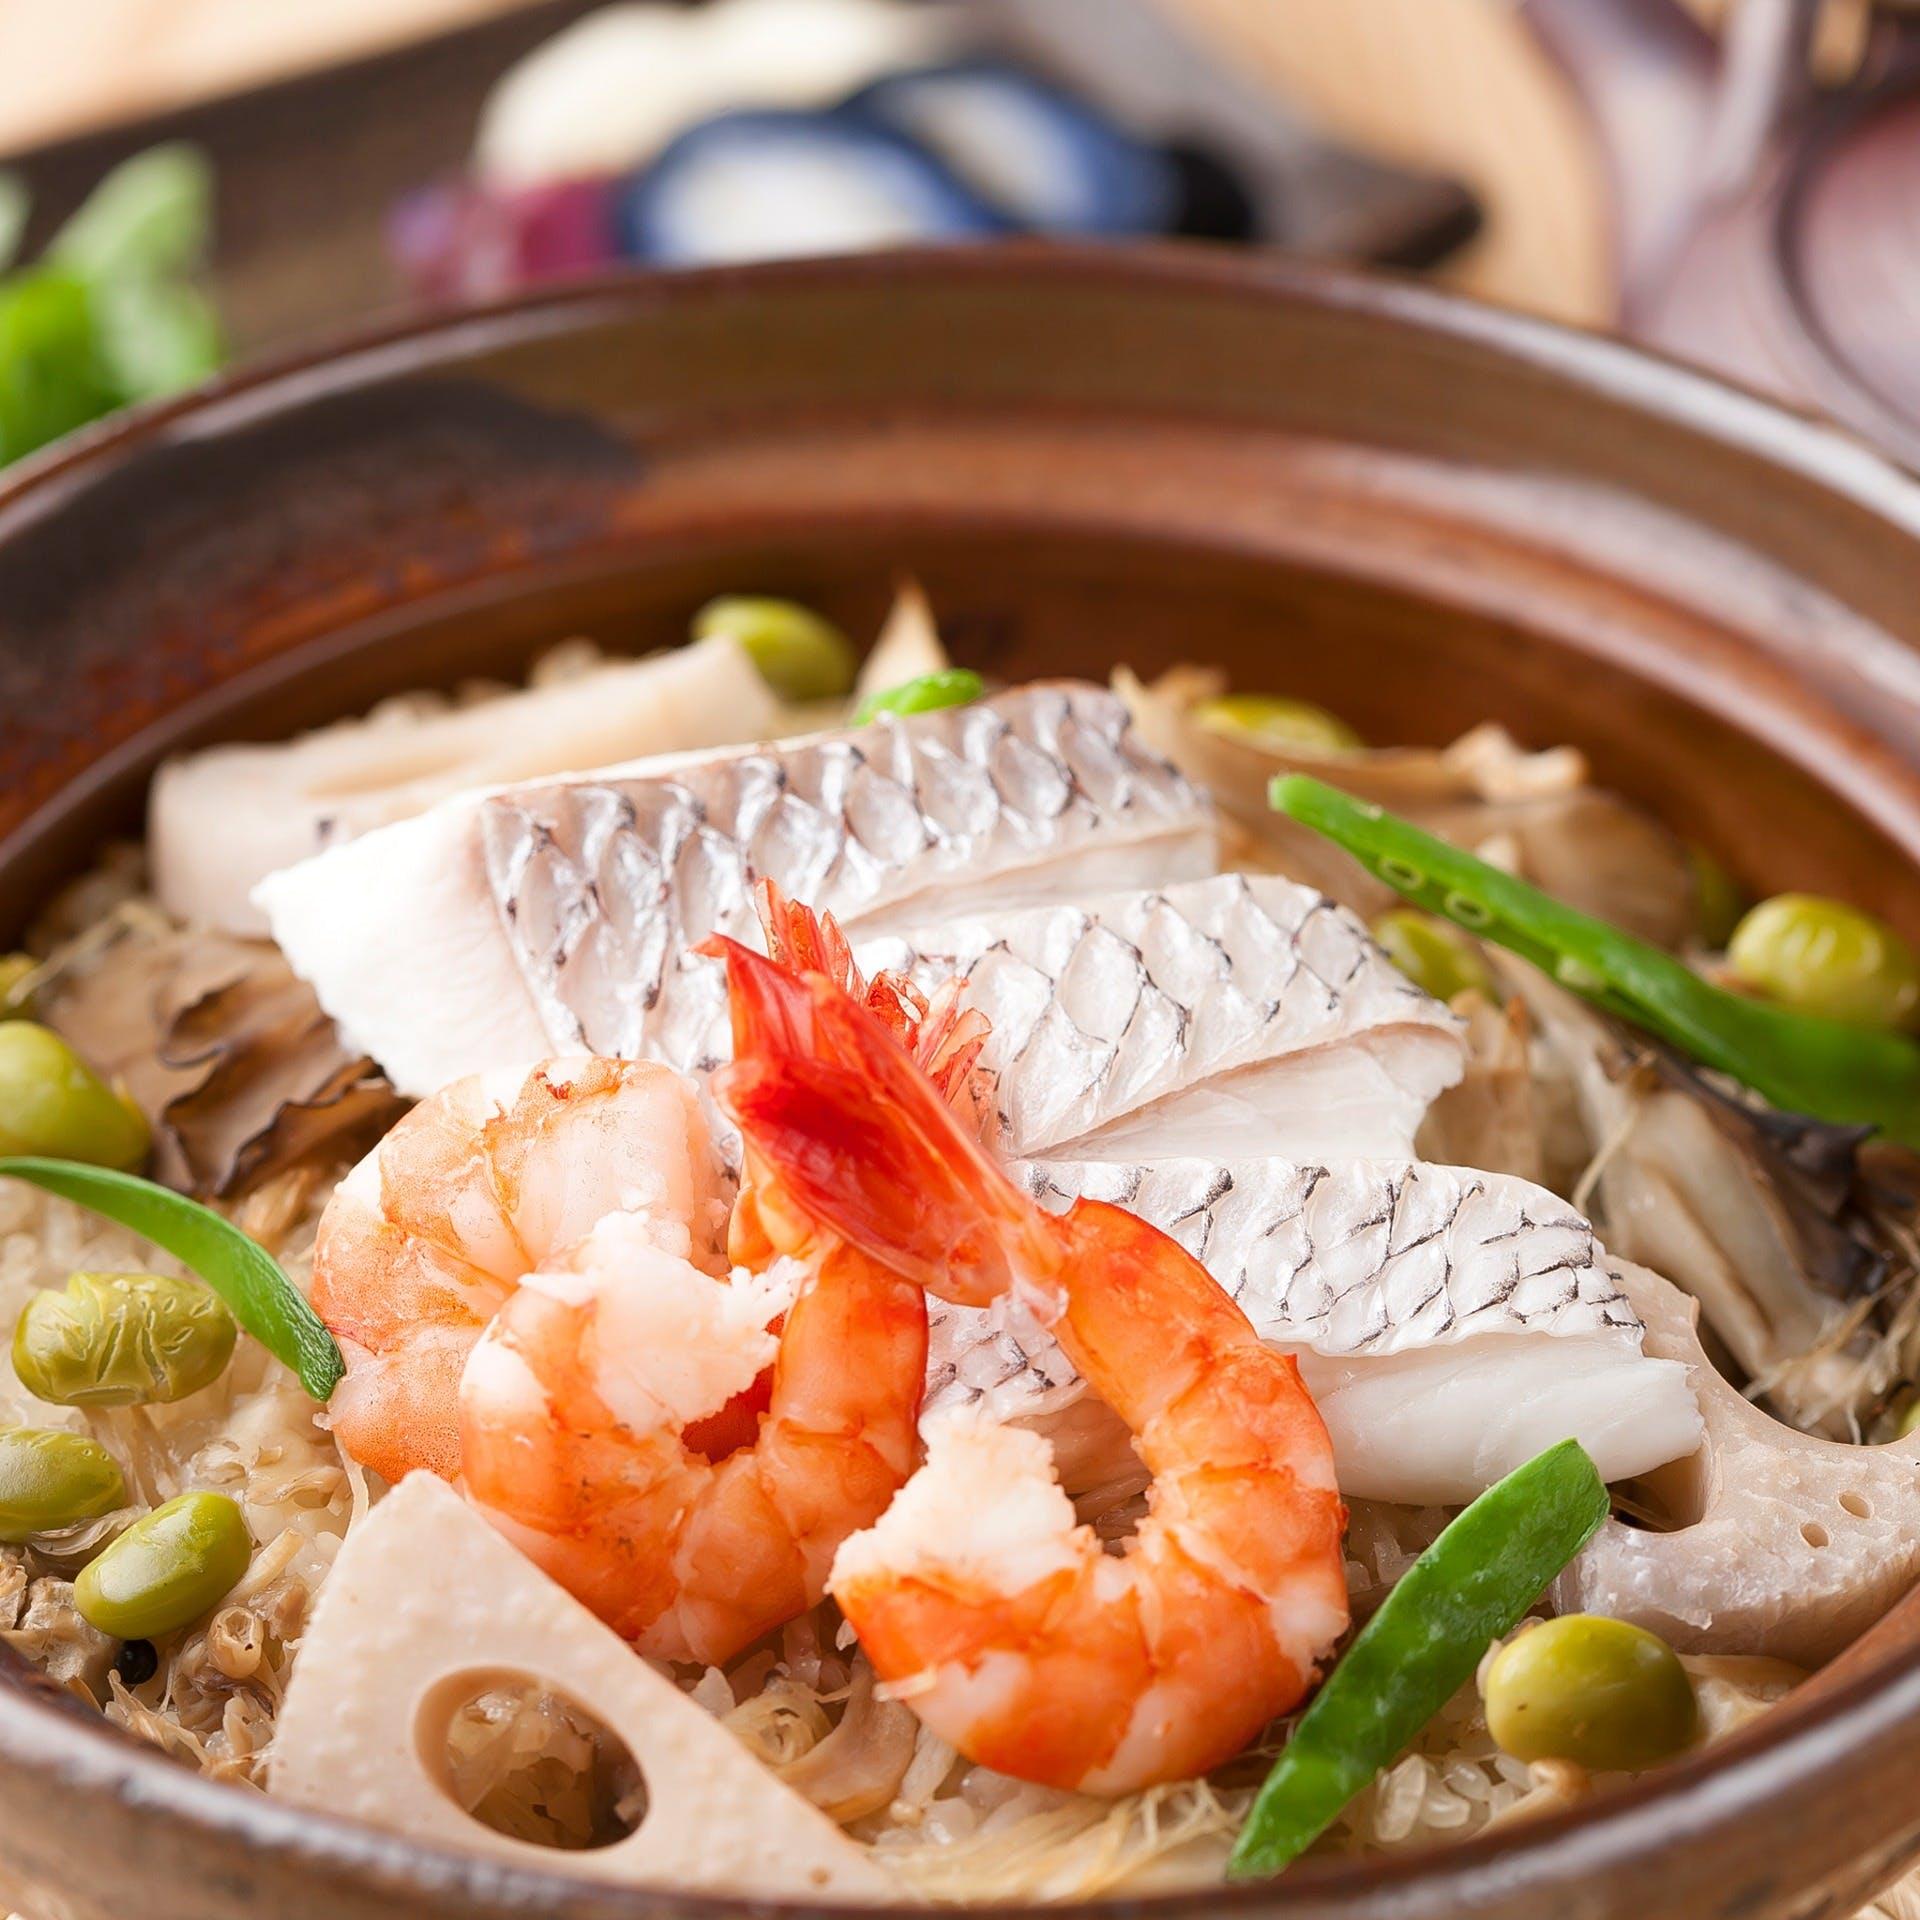 新鮮で旬の魚介、食材で手掛けるお料理を満喫